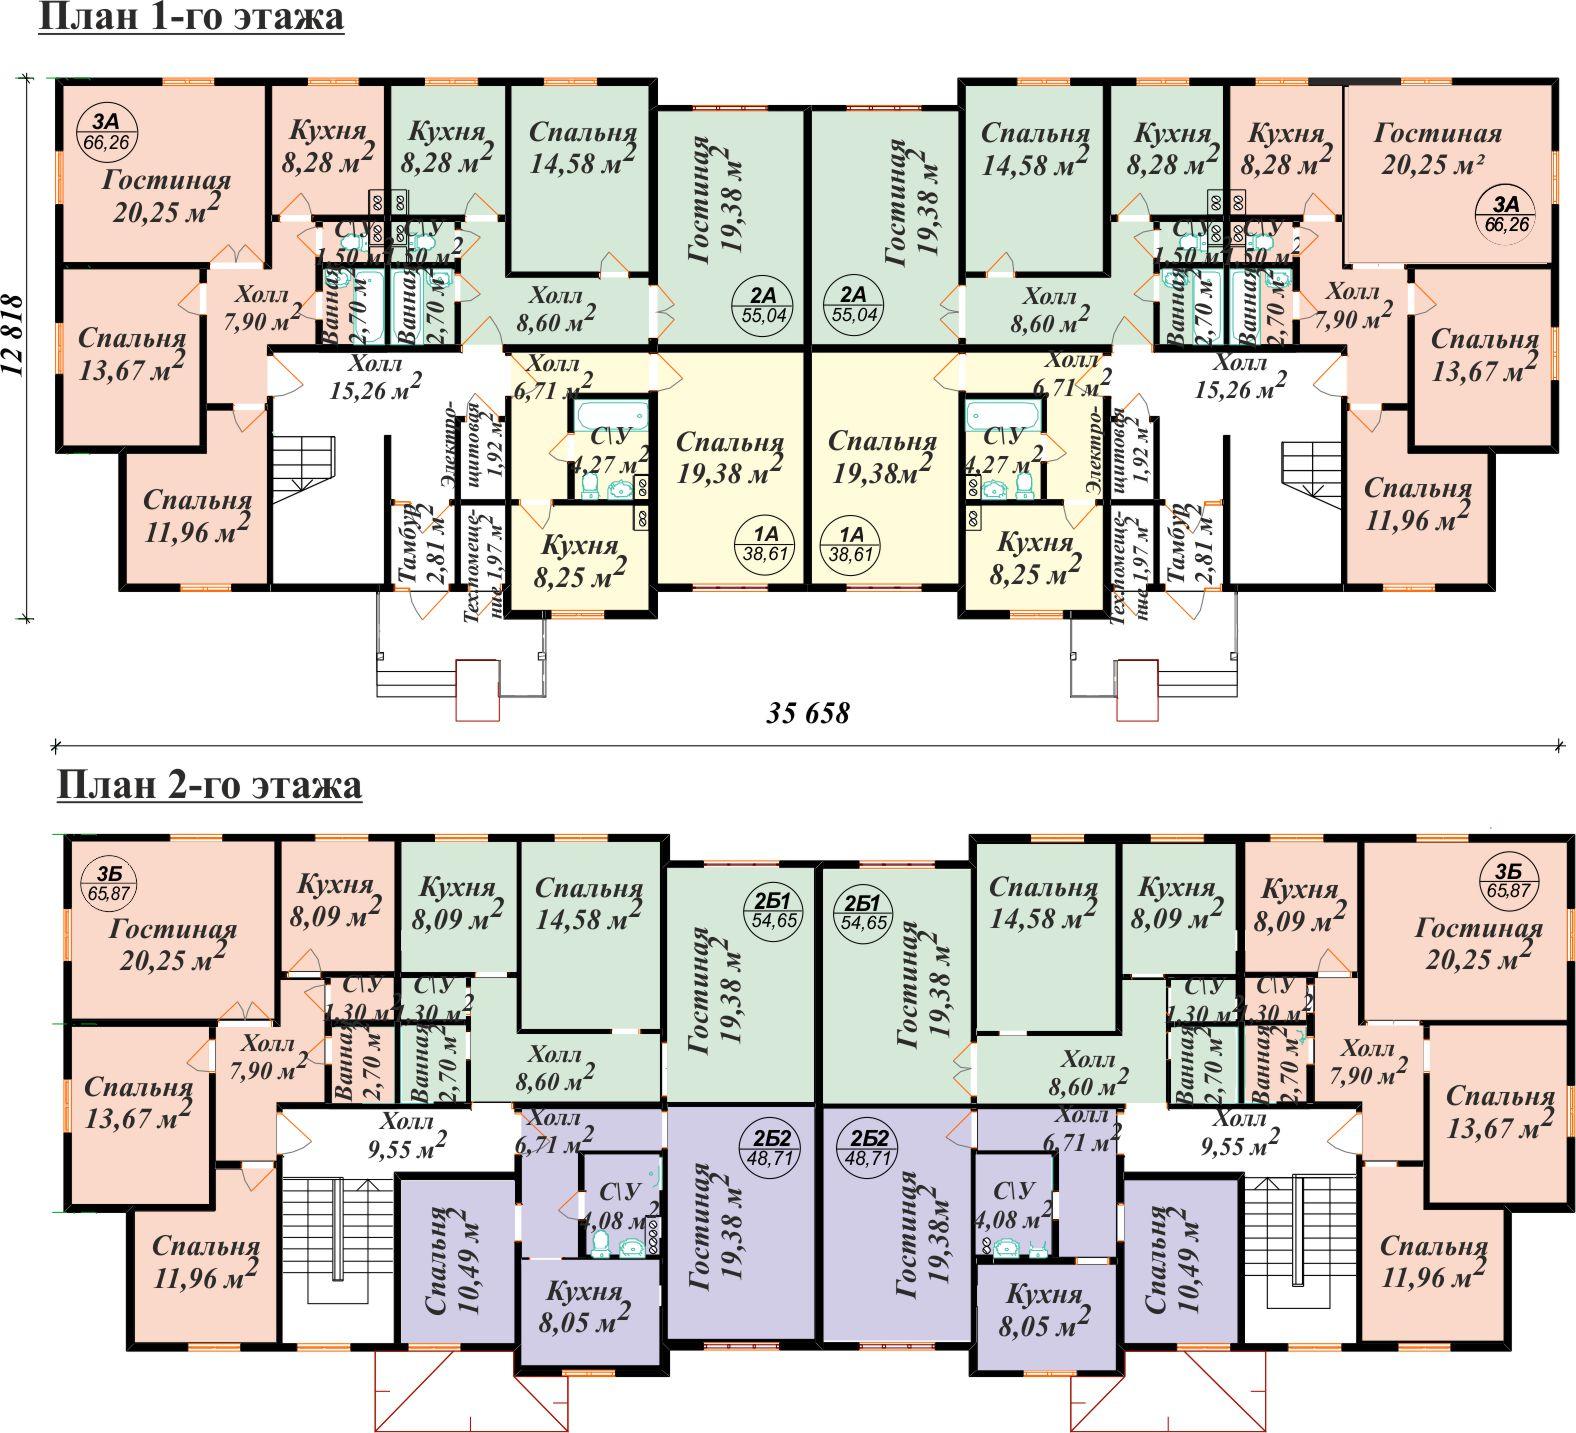 Схема планировок девятиэтажных домов